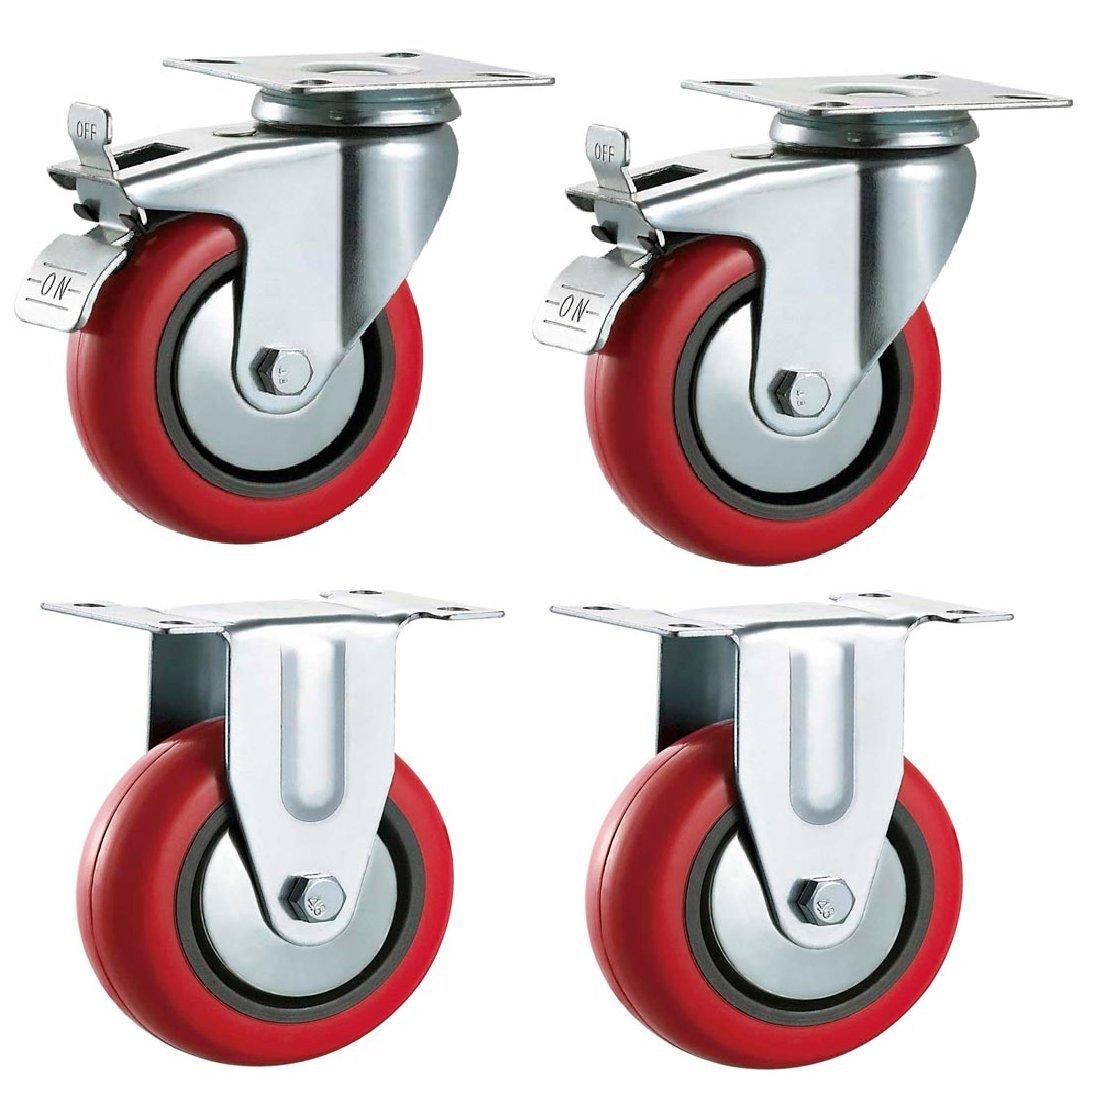 /muebles /Max 500/kg por Set aparato y equipo ruedas por Bulldog ruedas/ / /resistente/ 125/mm giratorio con freno y fija ruedas de poliuretano sint/ética rojo